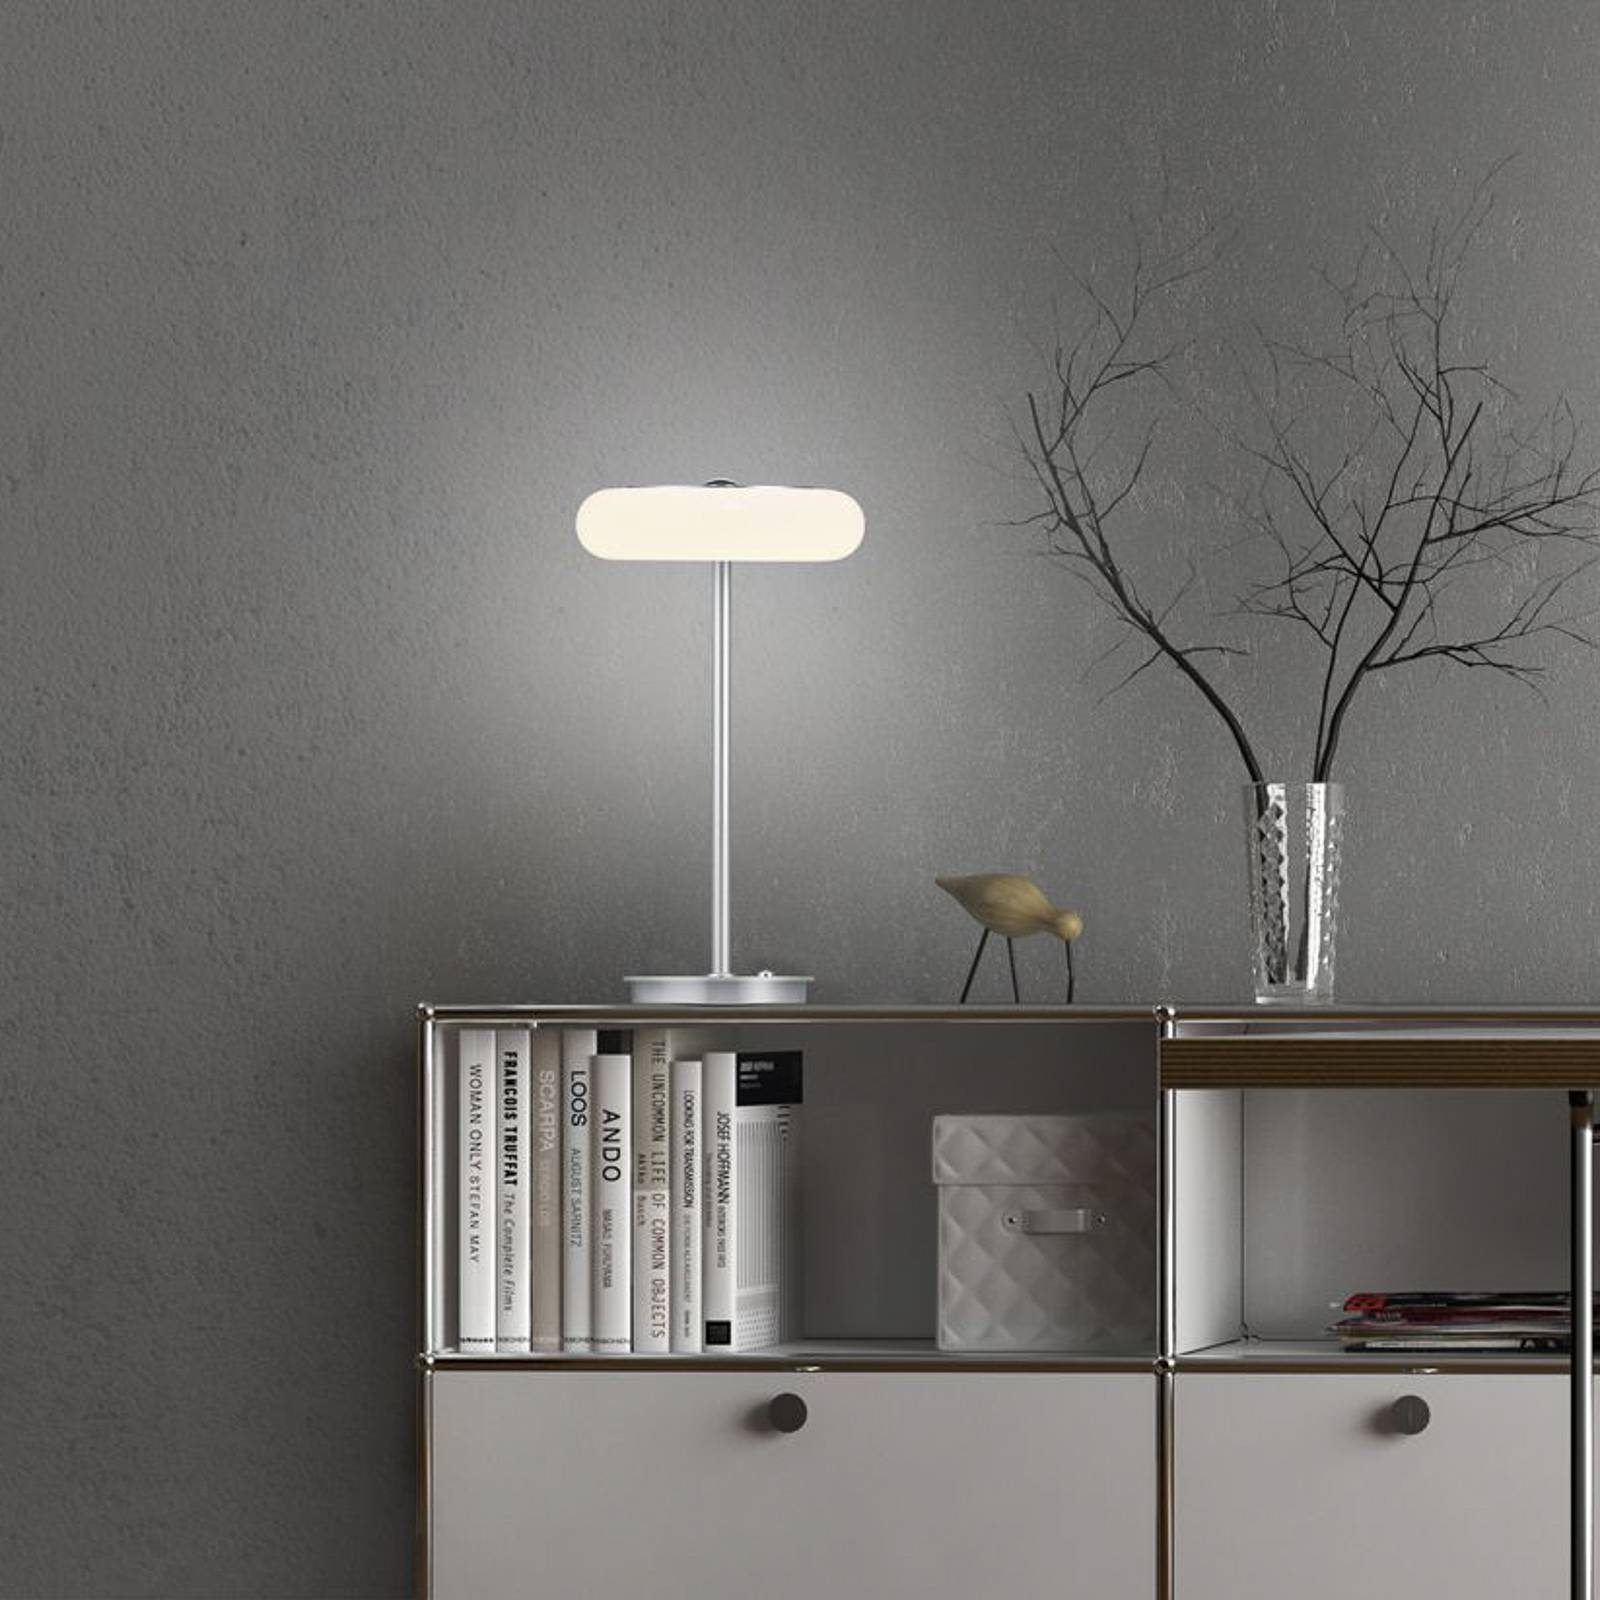 BANKAMP Centa LED-Tischleuchte, nickel